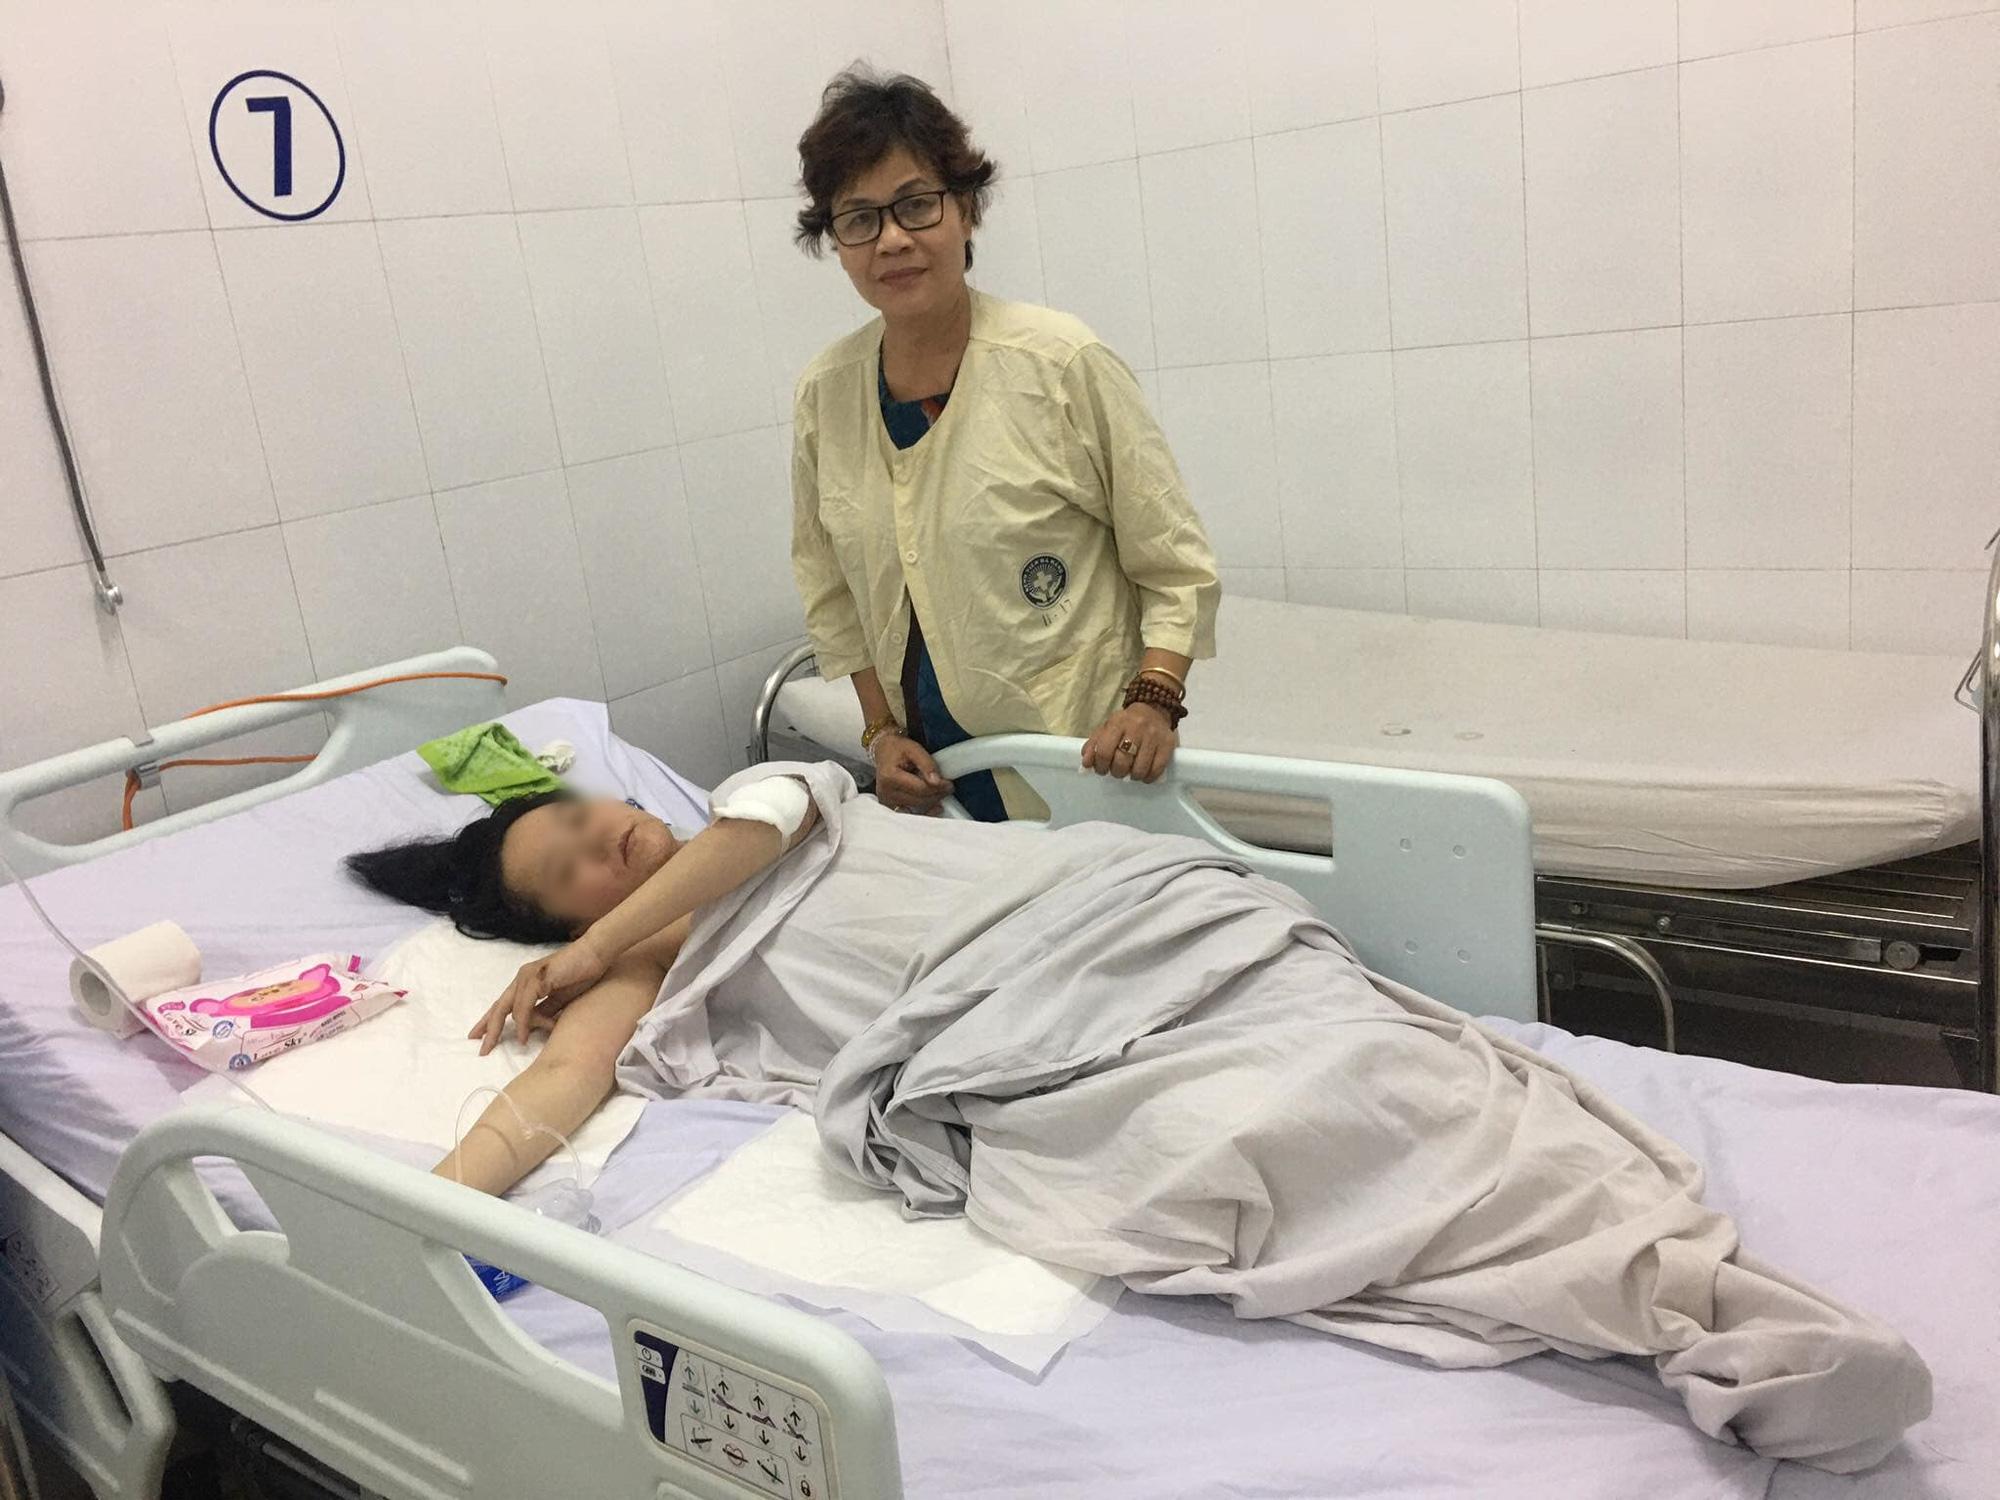 Vụ container cán xe máy khiến bé trai 6 tuổi tử vong, mẹ nguy kịch ở Đà Nẵng: Người mẹ đang mang thai, phải cưa bỏ một chân - Ảnh 5.